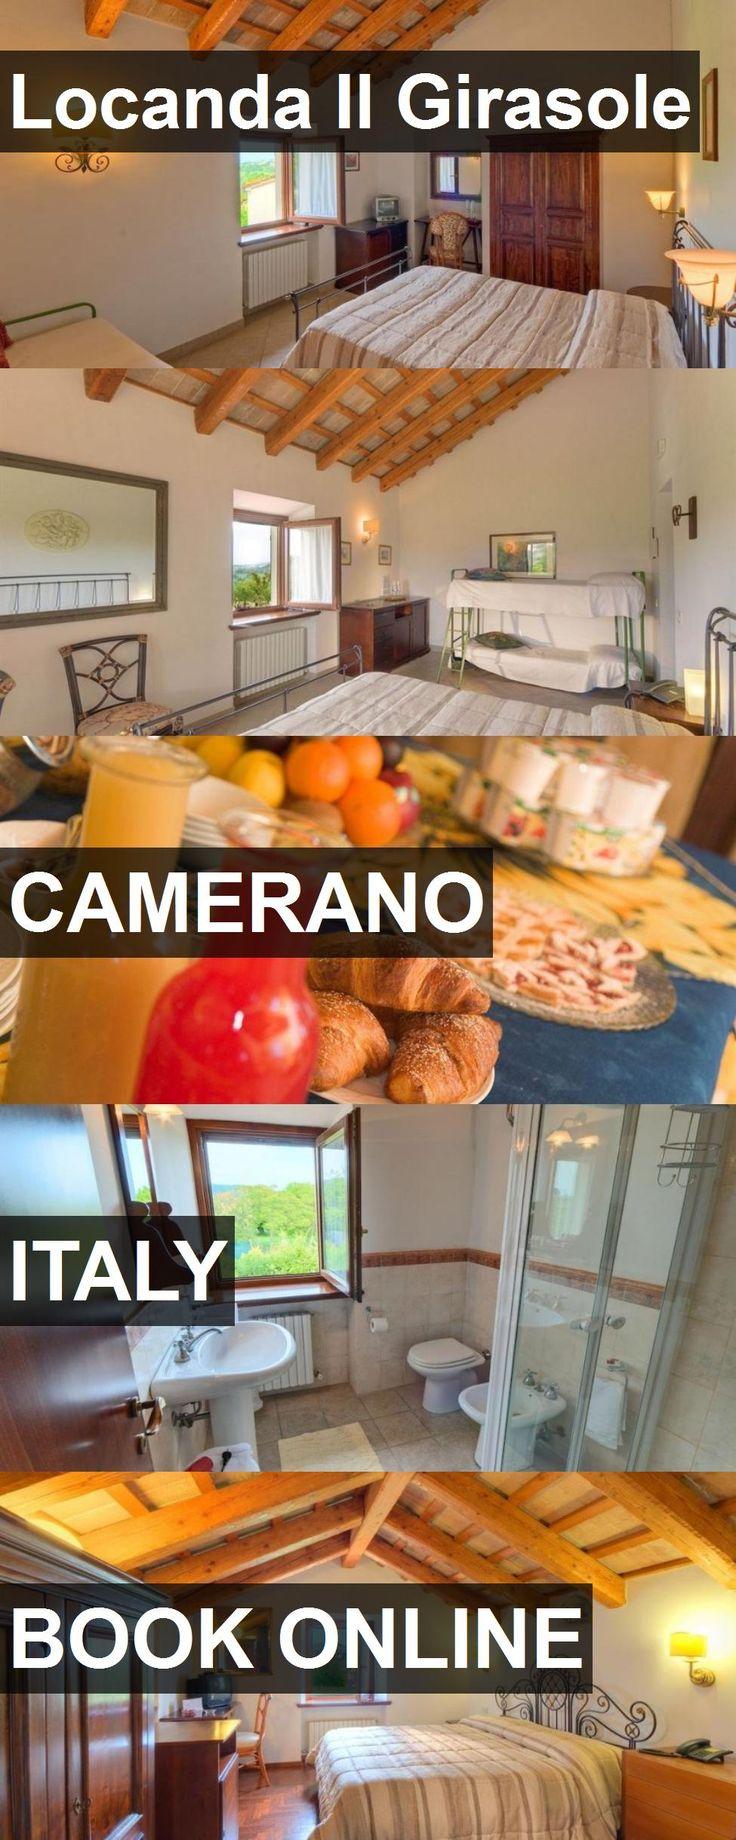 Hotel Locanda Il Girasole in Camerano, Italy. For more